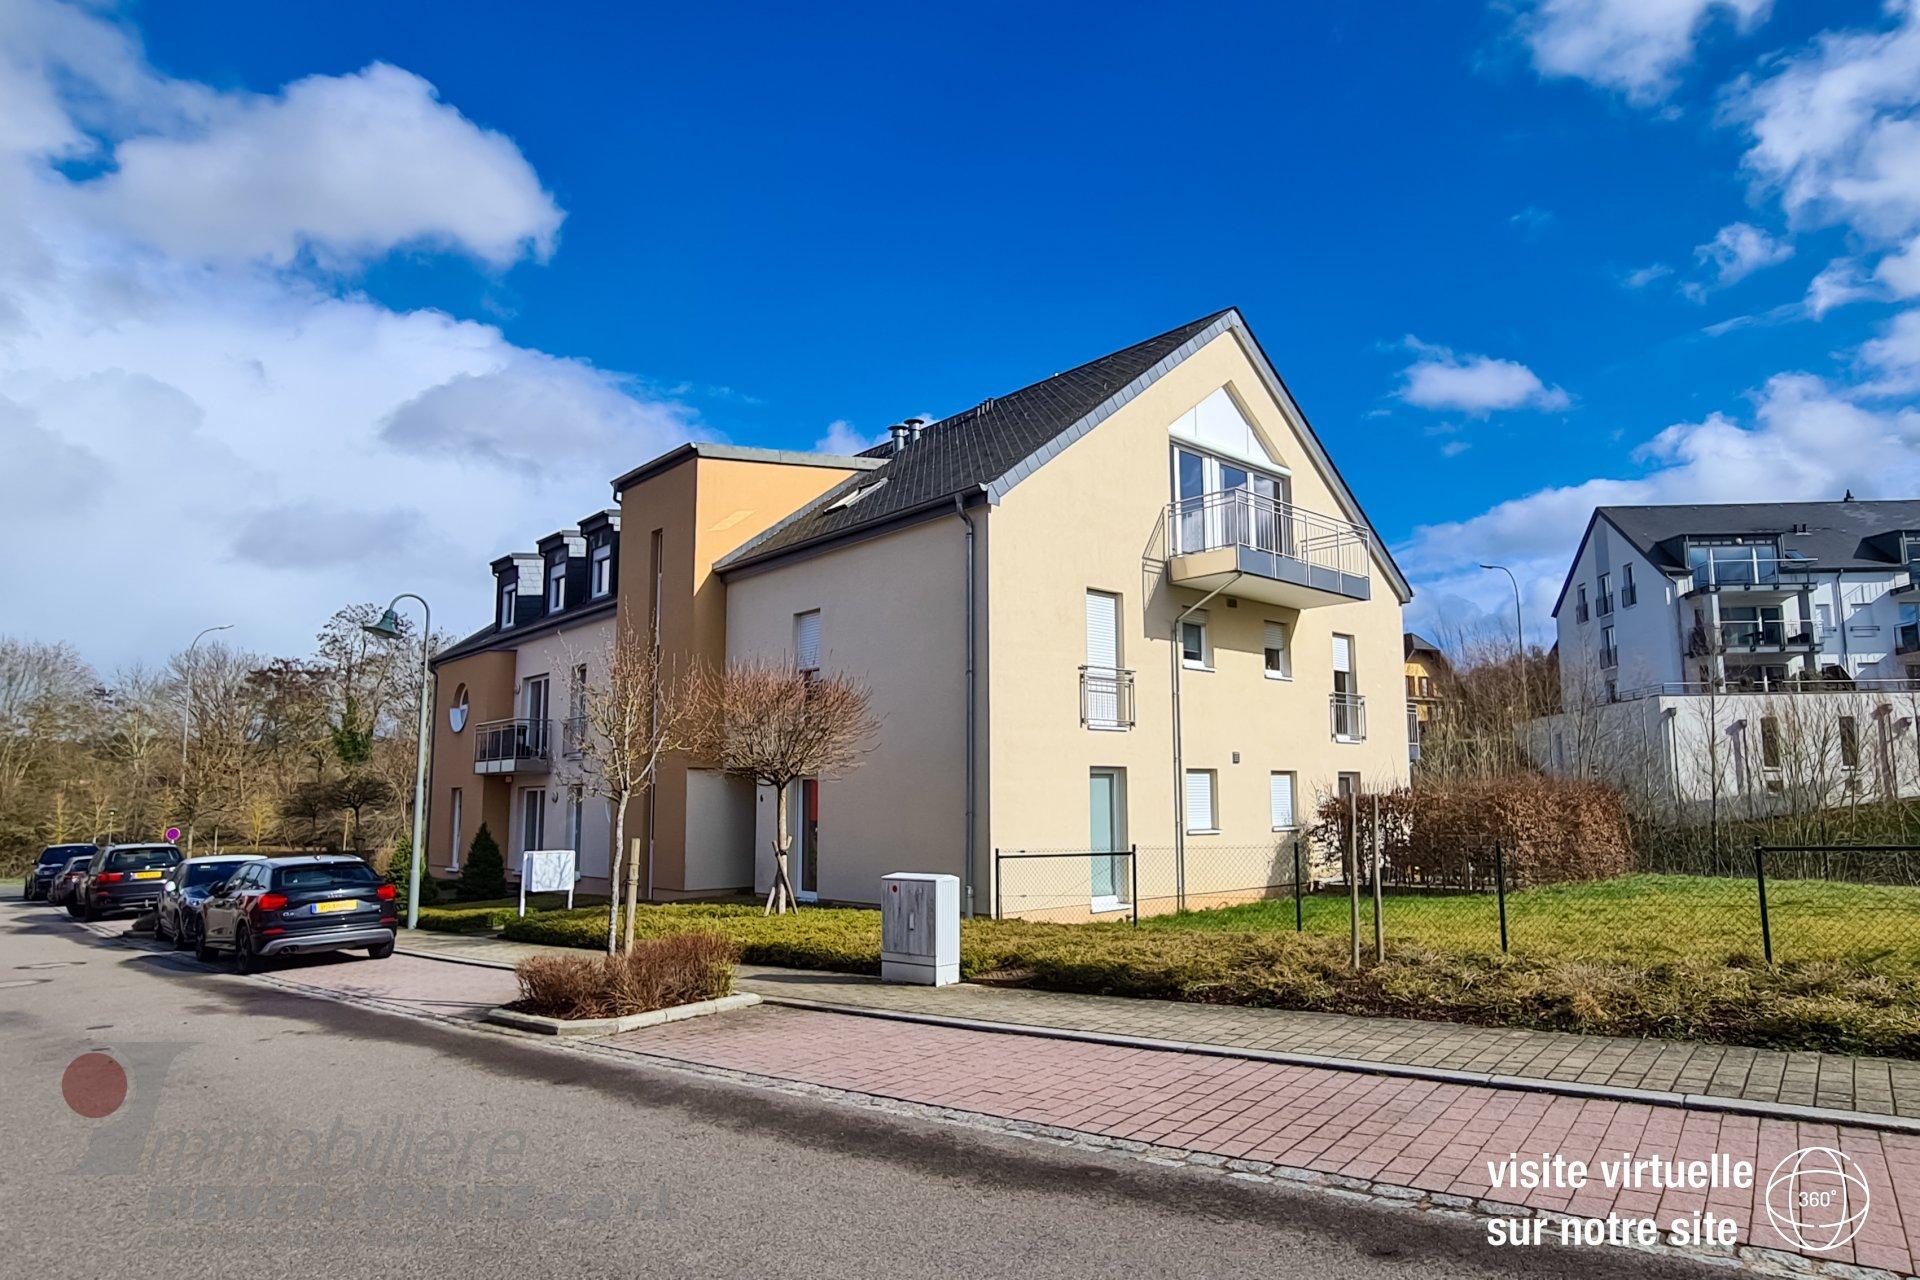 ZU VERMIETEN - Wohnung mit 1 Schlafzimmer in Junglinster